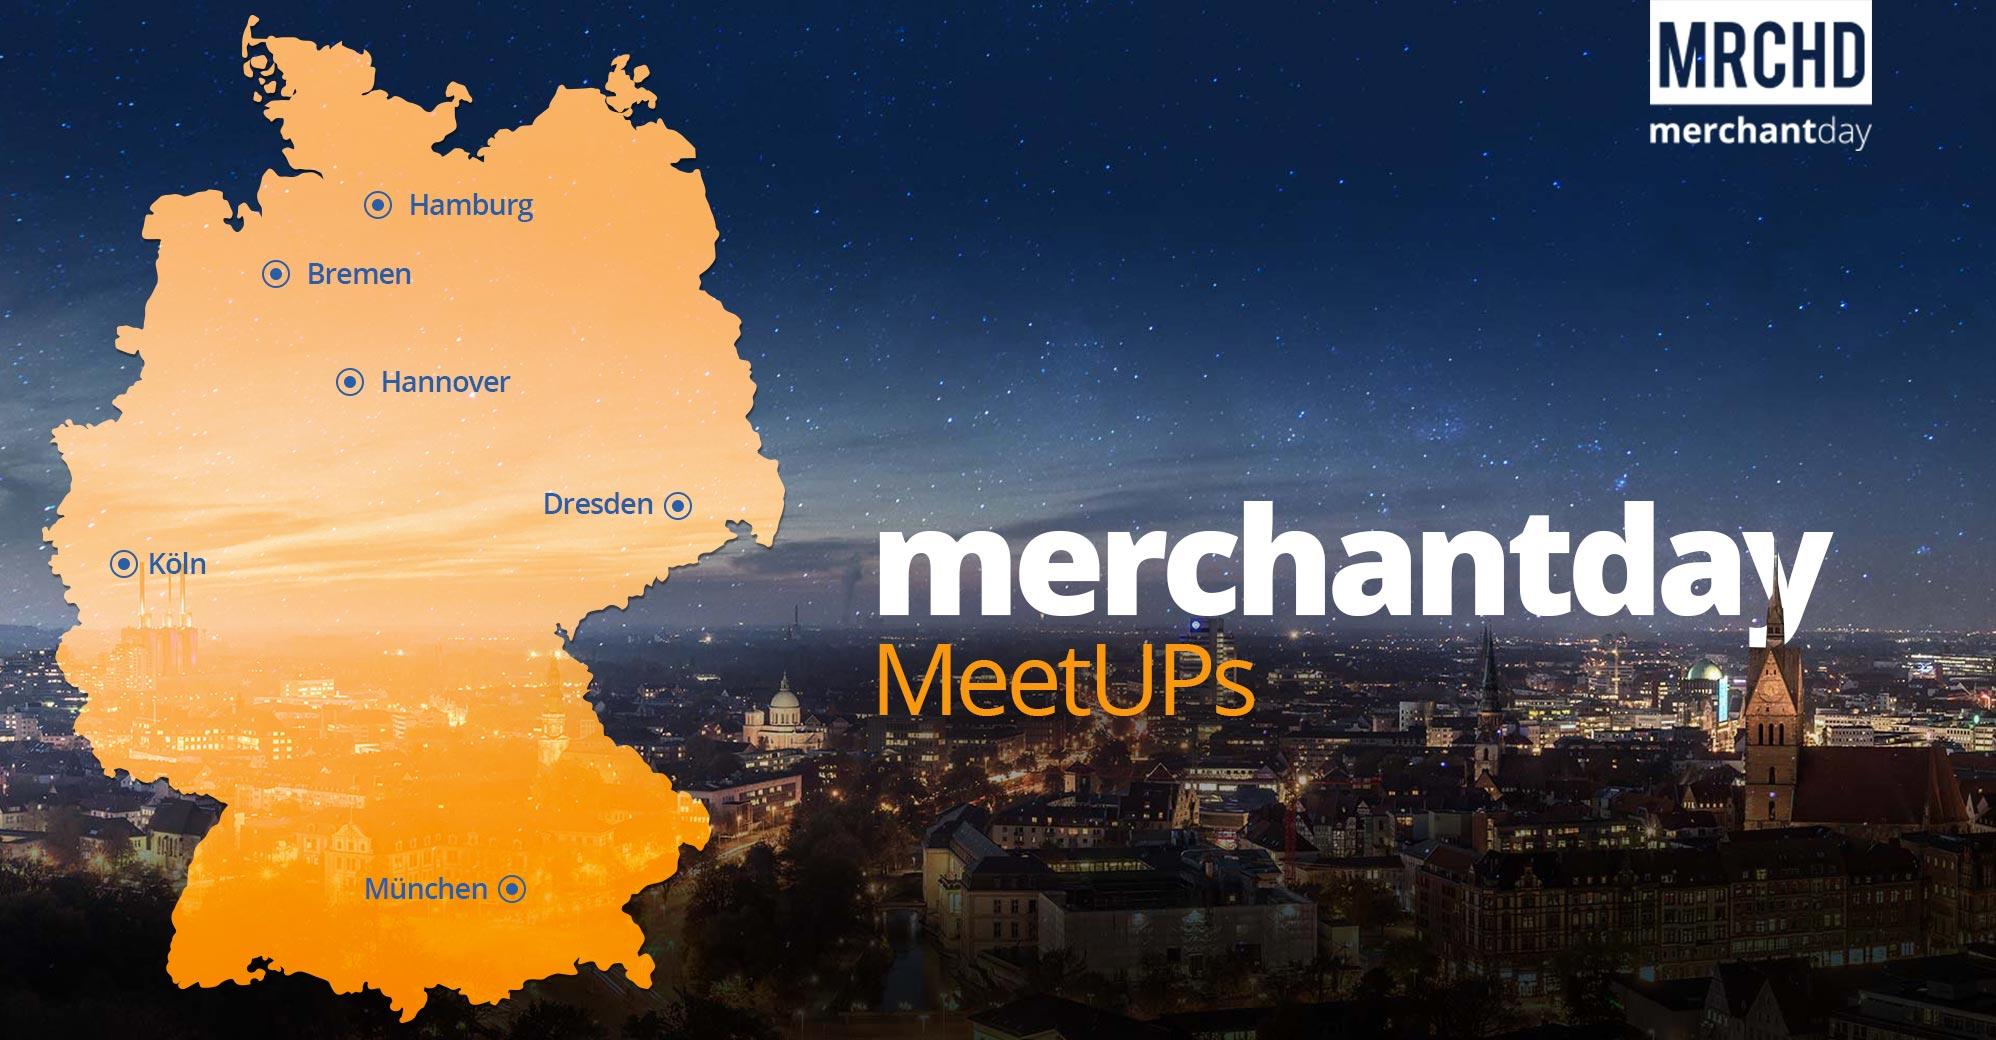 merchantday-meetup